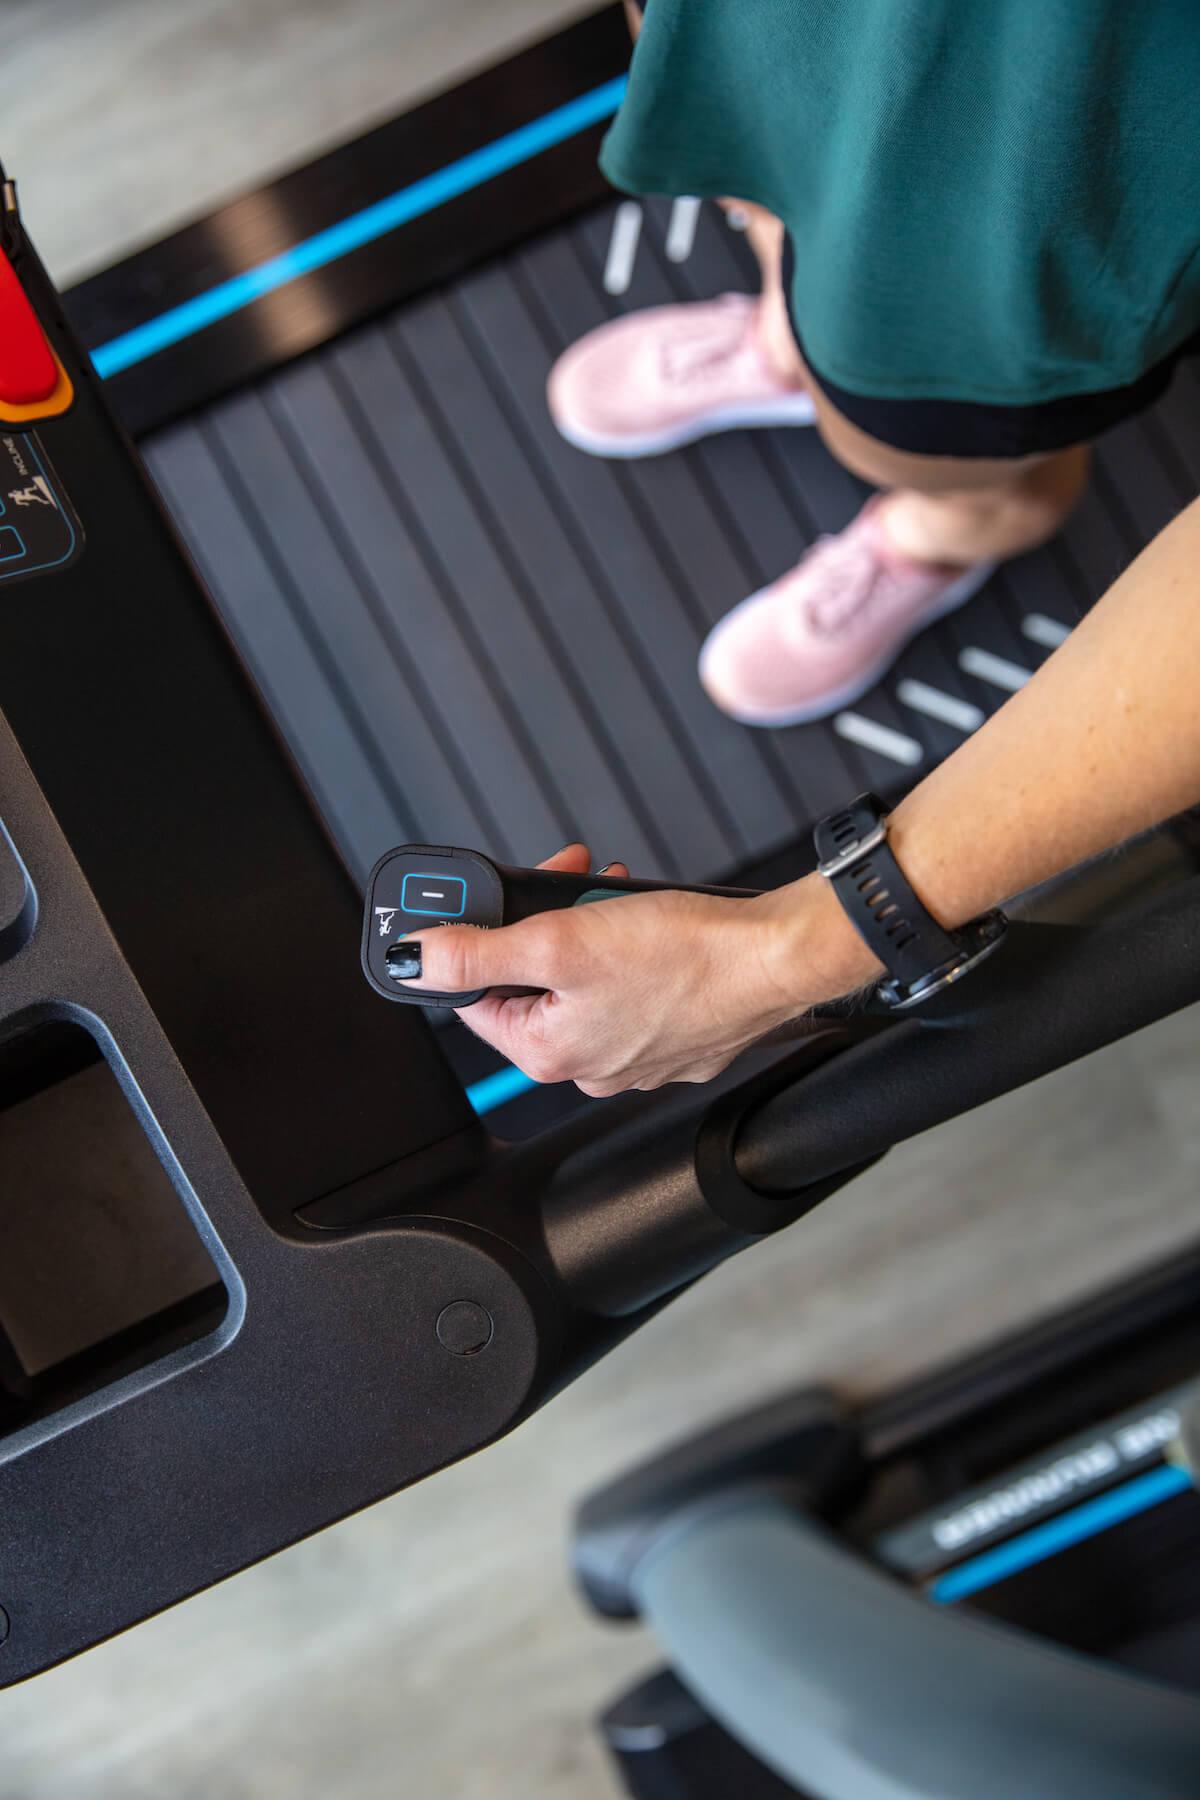 The Stryker treadmill.